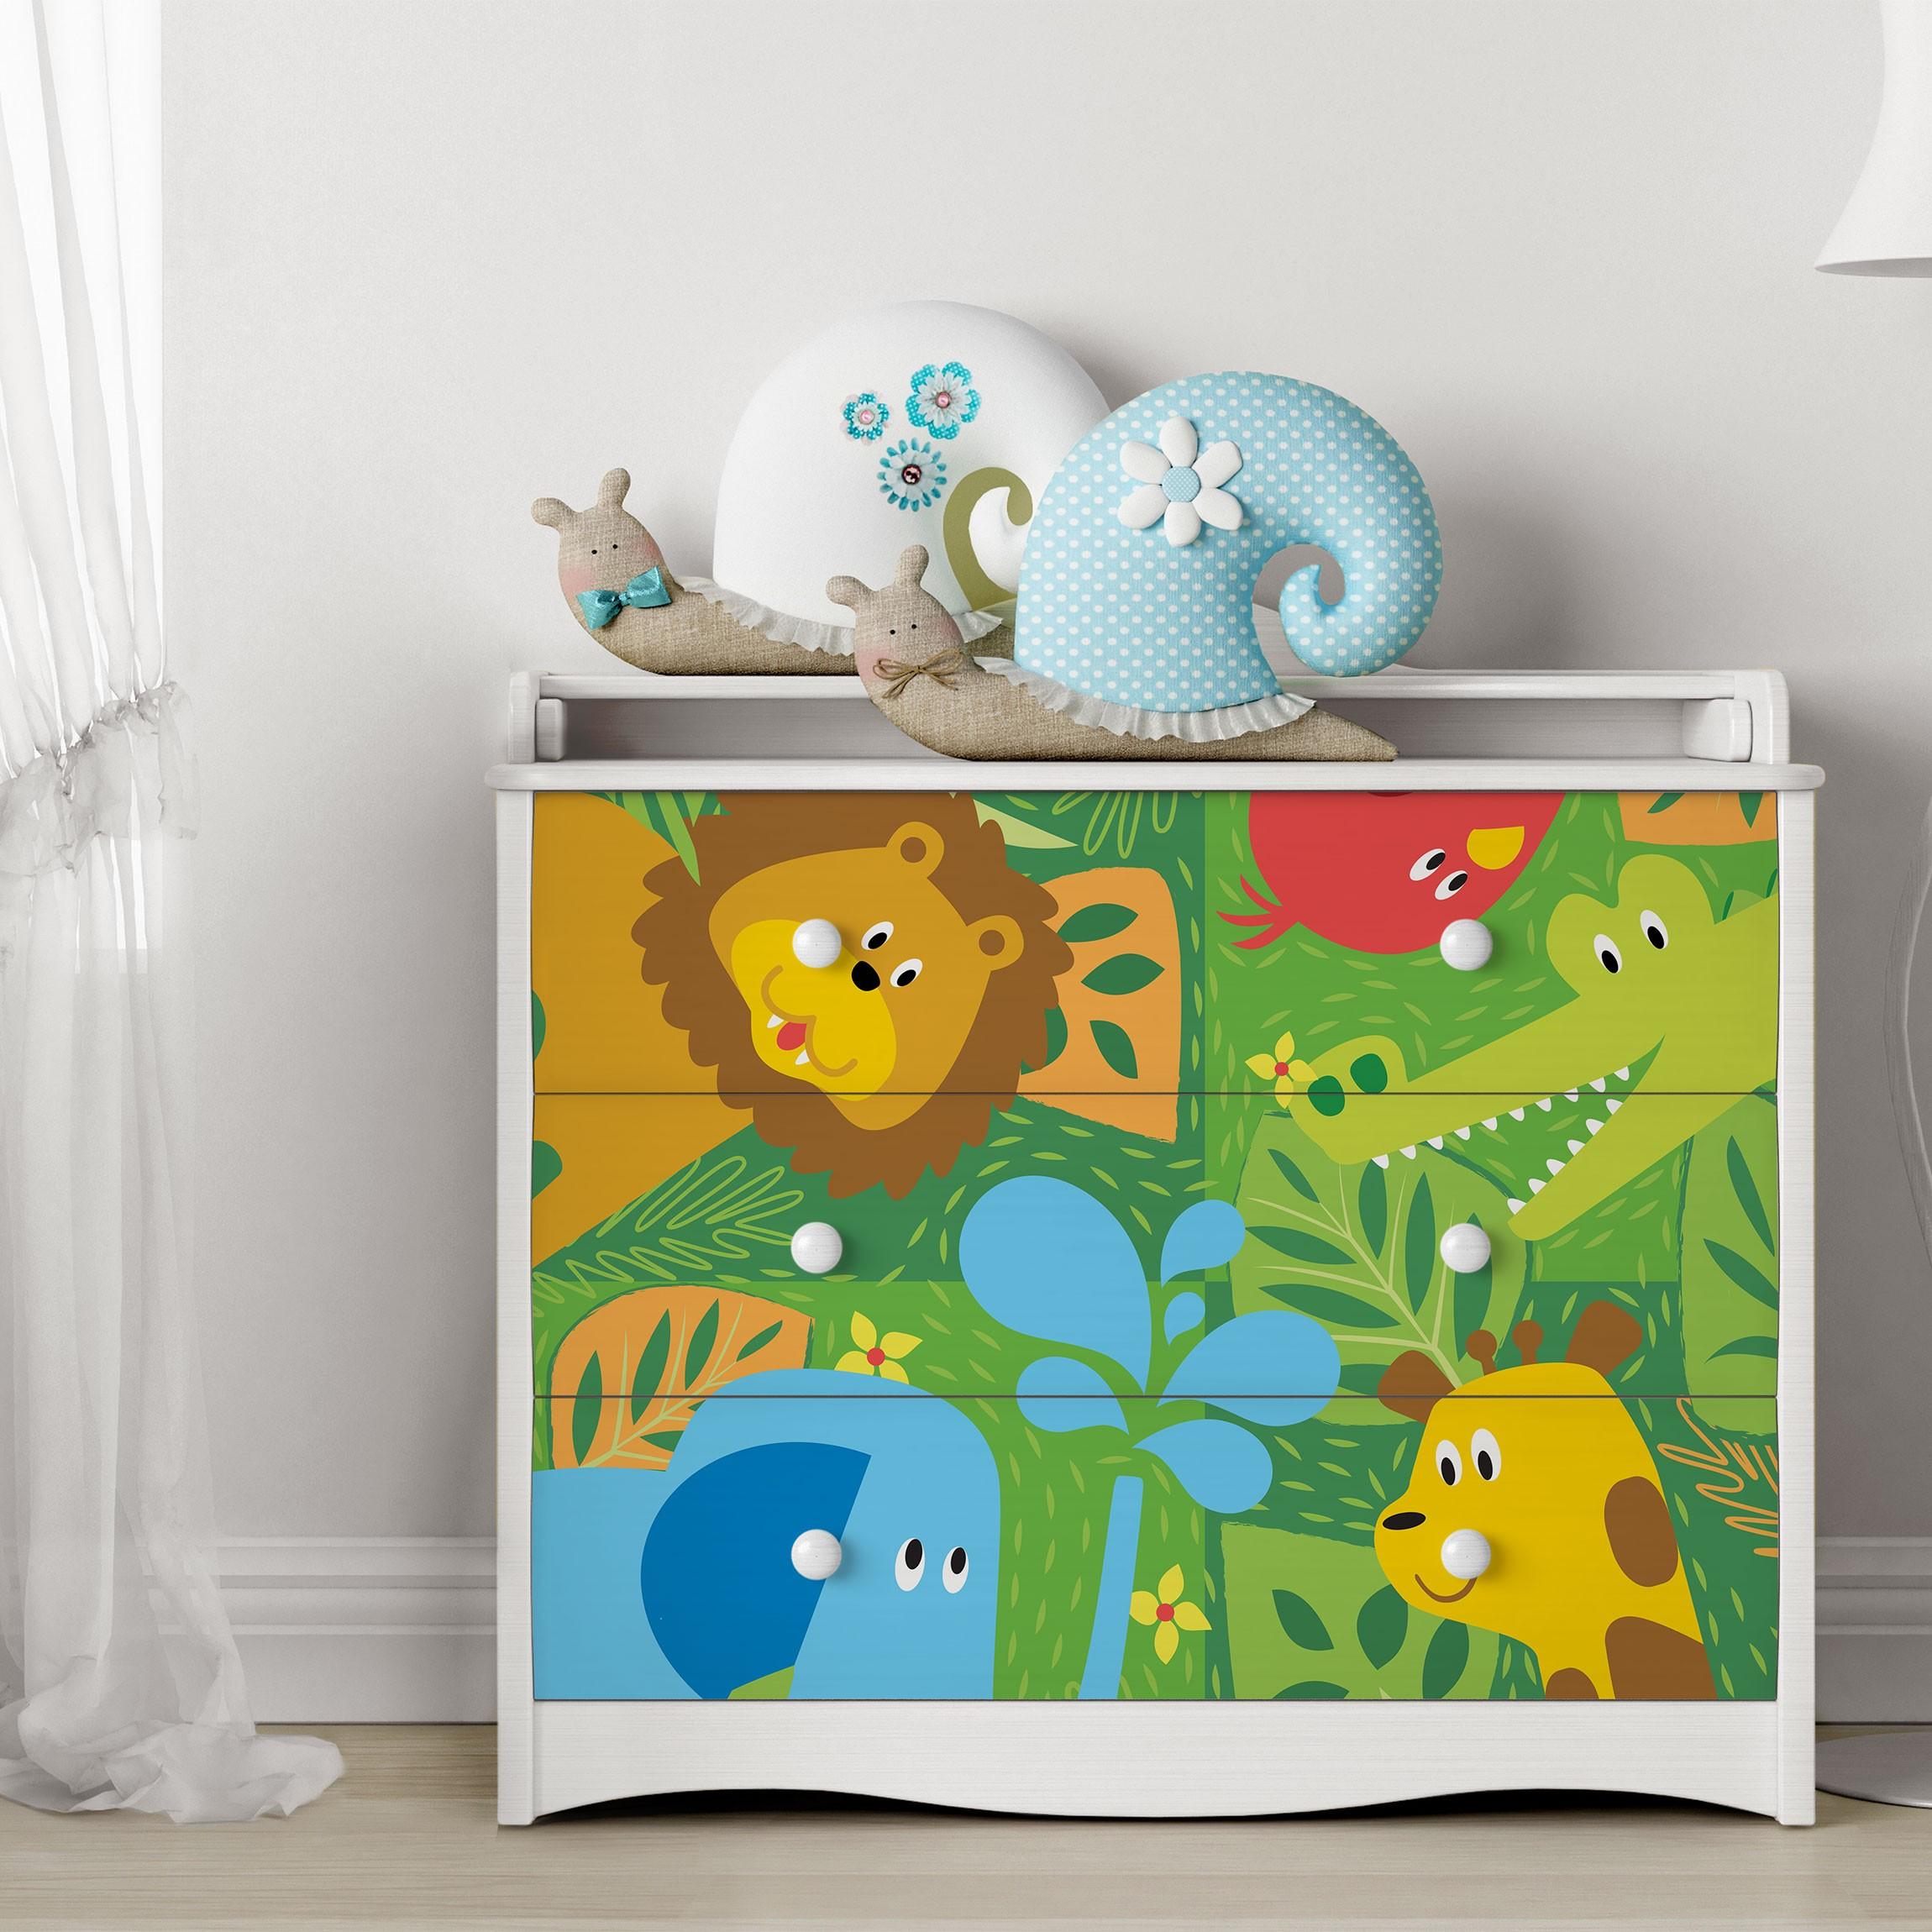 klebefolie kinderzimmer s e zootiere set elefant l we giraffe krokodil dekofolie. Black Bedroom Furniture Sets. Home Design Ideas